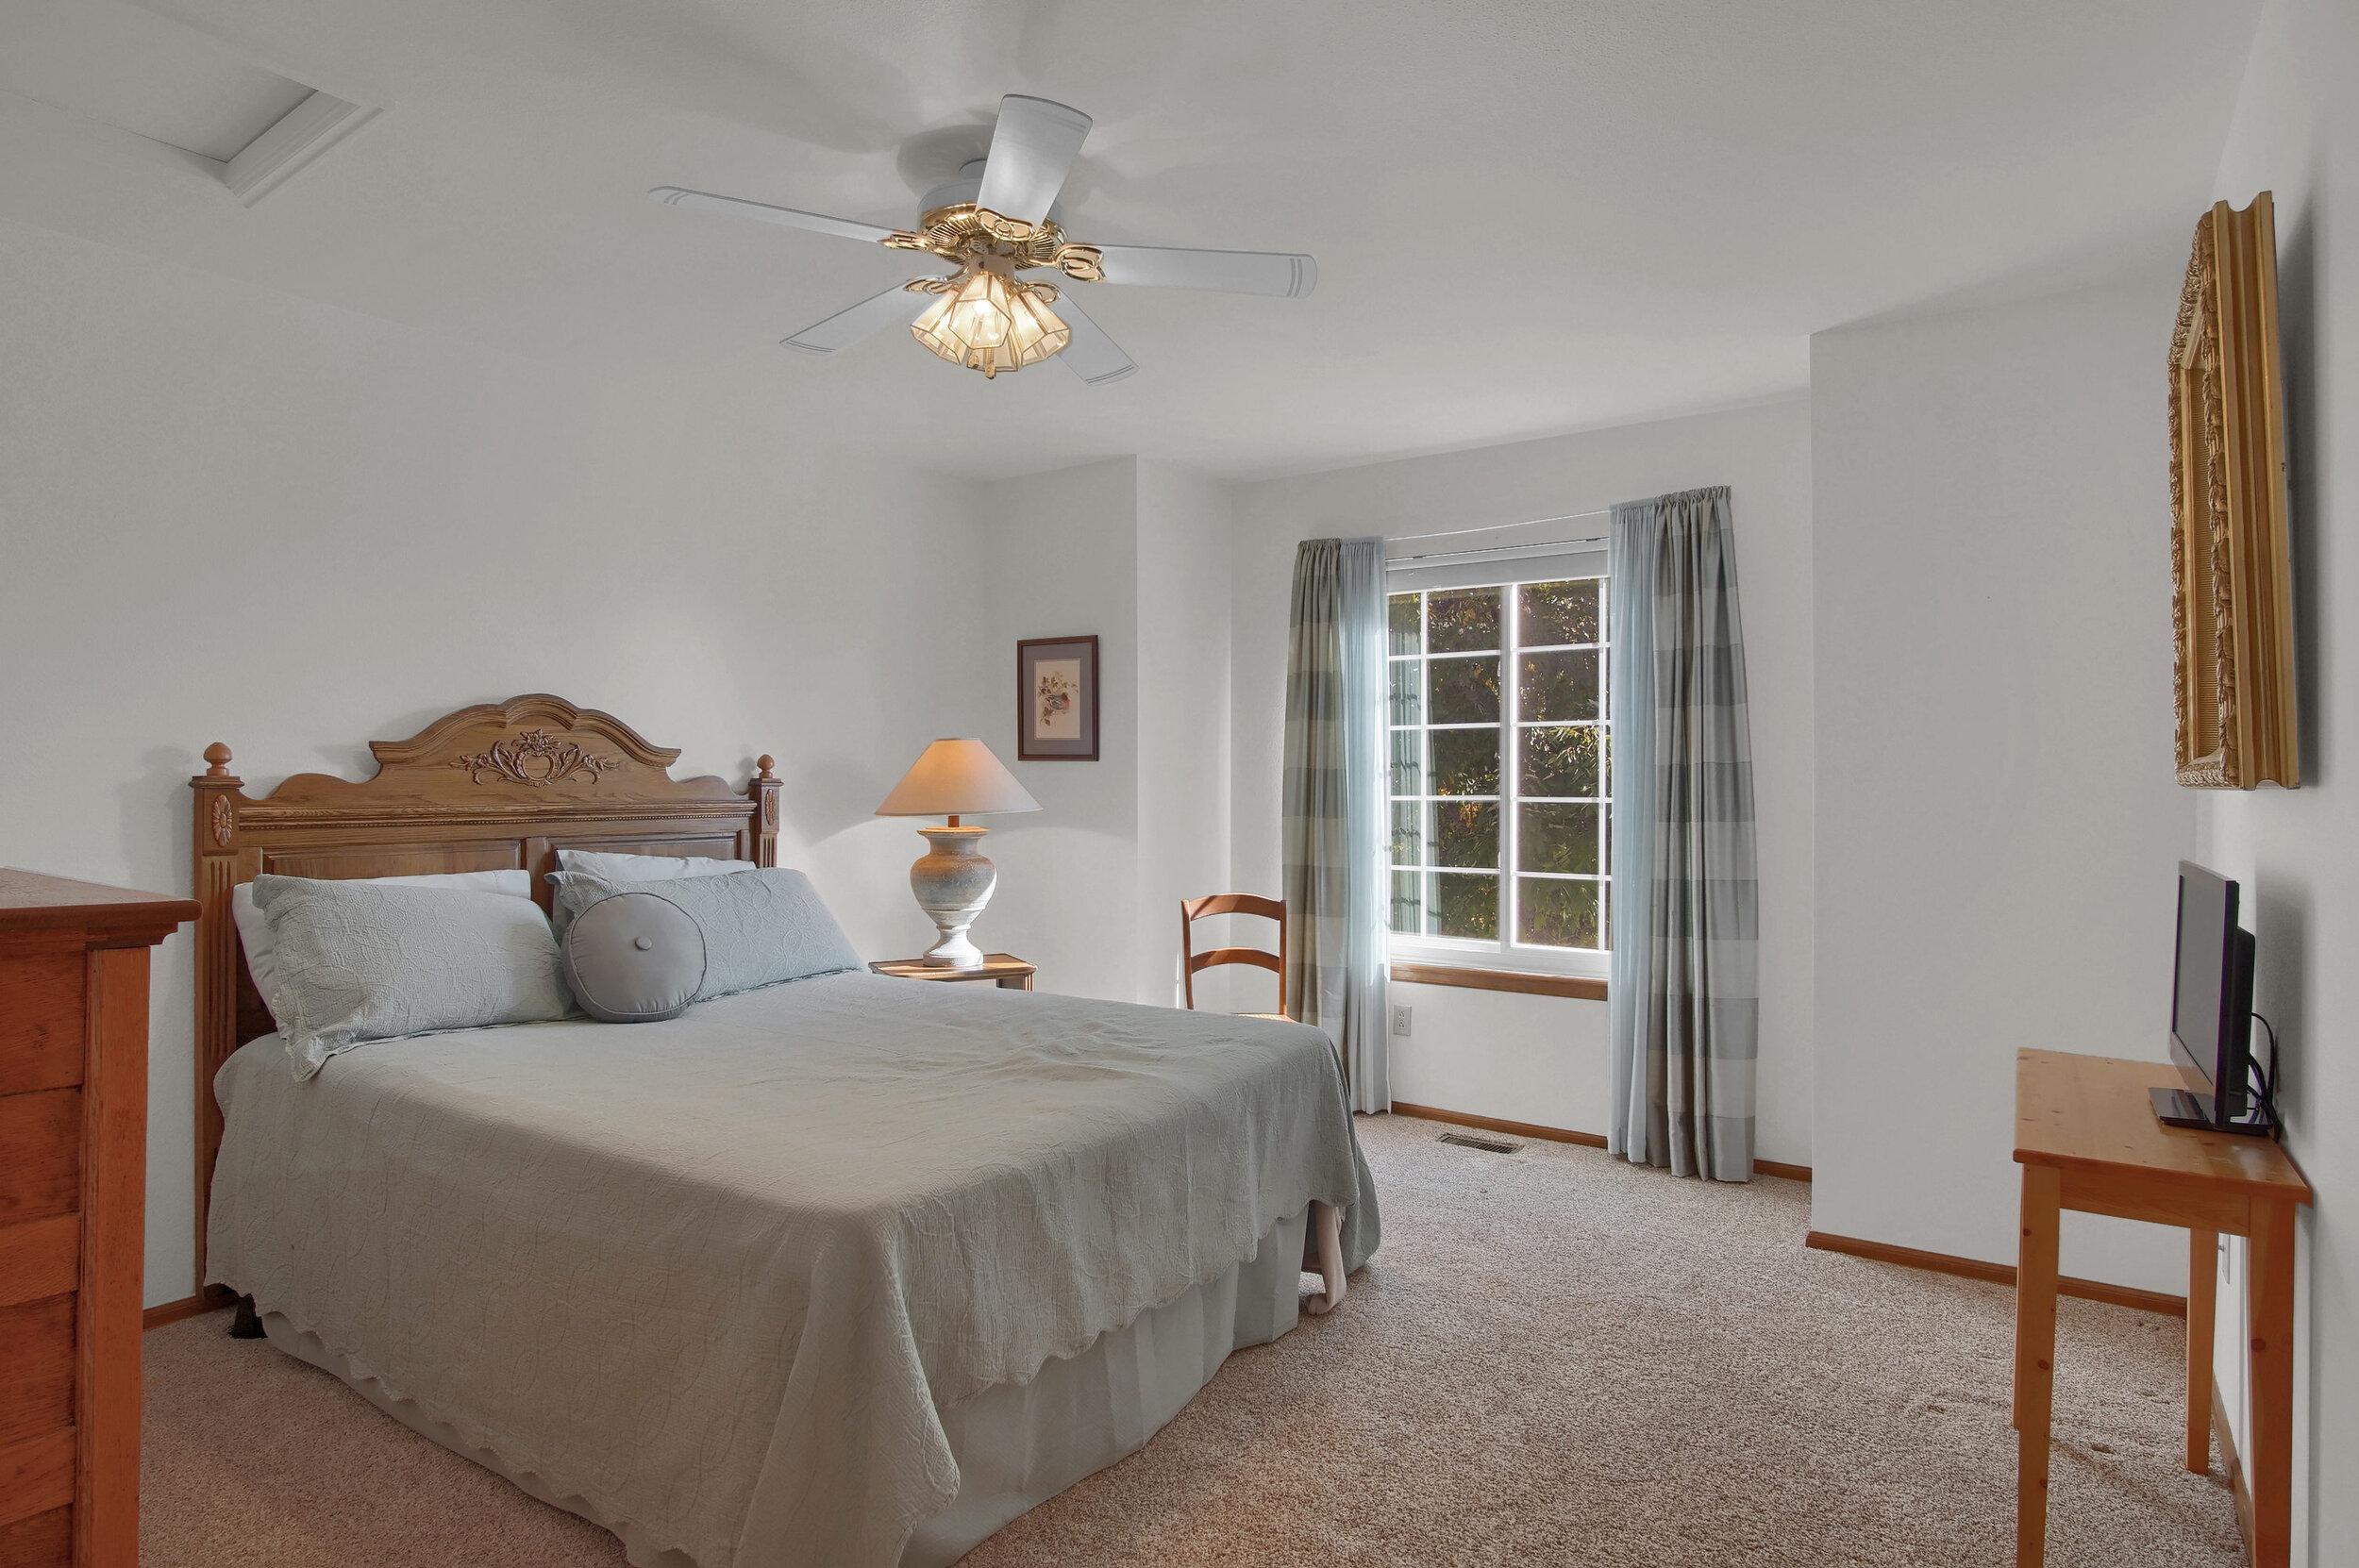 4919 Nightshade Cir Colorado-print-031-020-Bedroom-3008x2000-300dpi.jpg